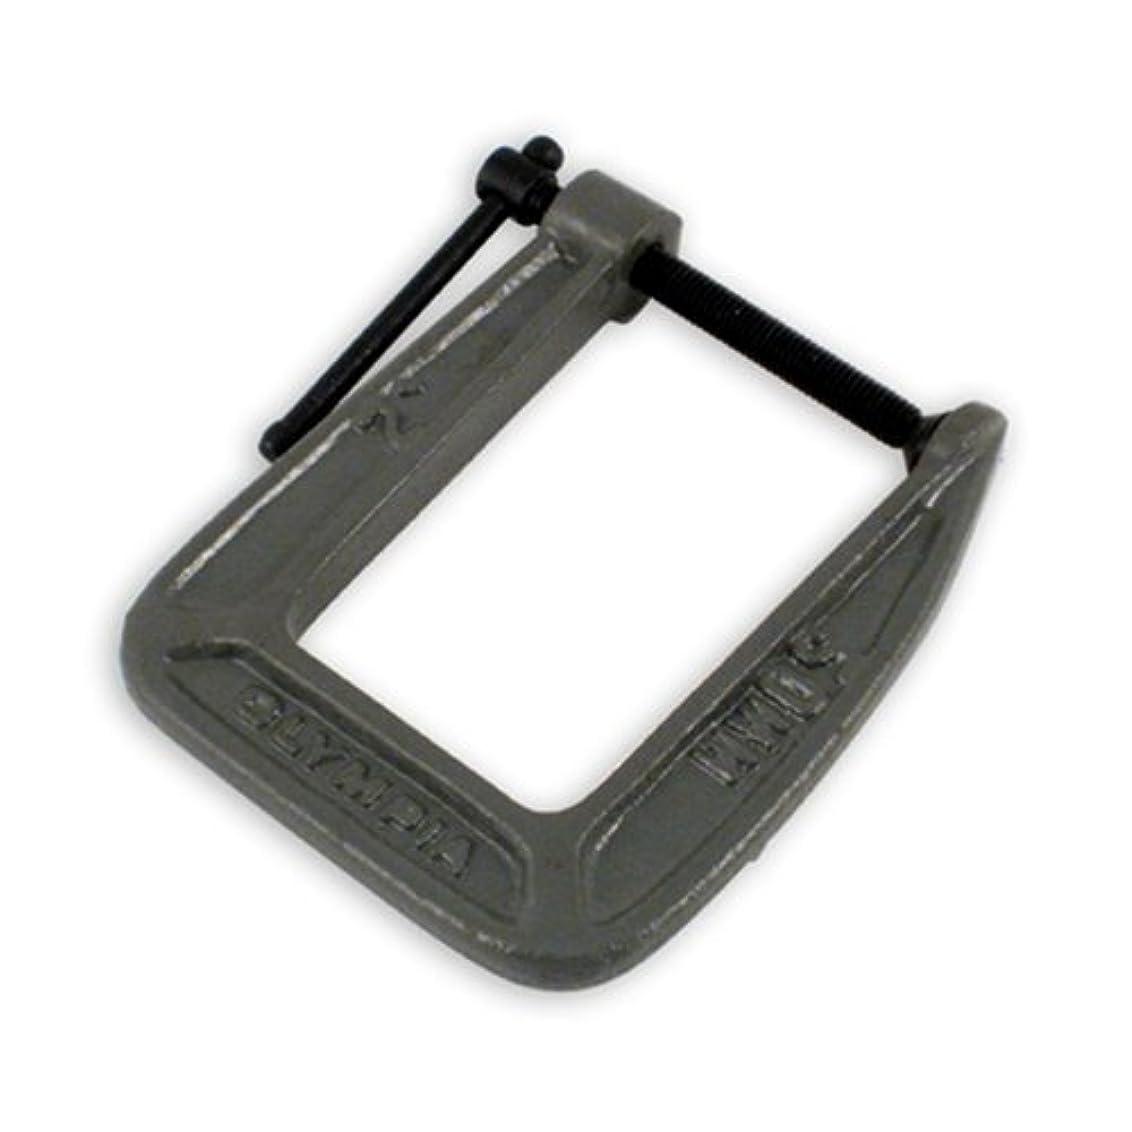 祈るペイン原稿Olympia Tools 38-123 2-Inch by 3-1/2-Inch C-Clamp [並行輸入品]